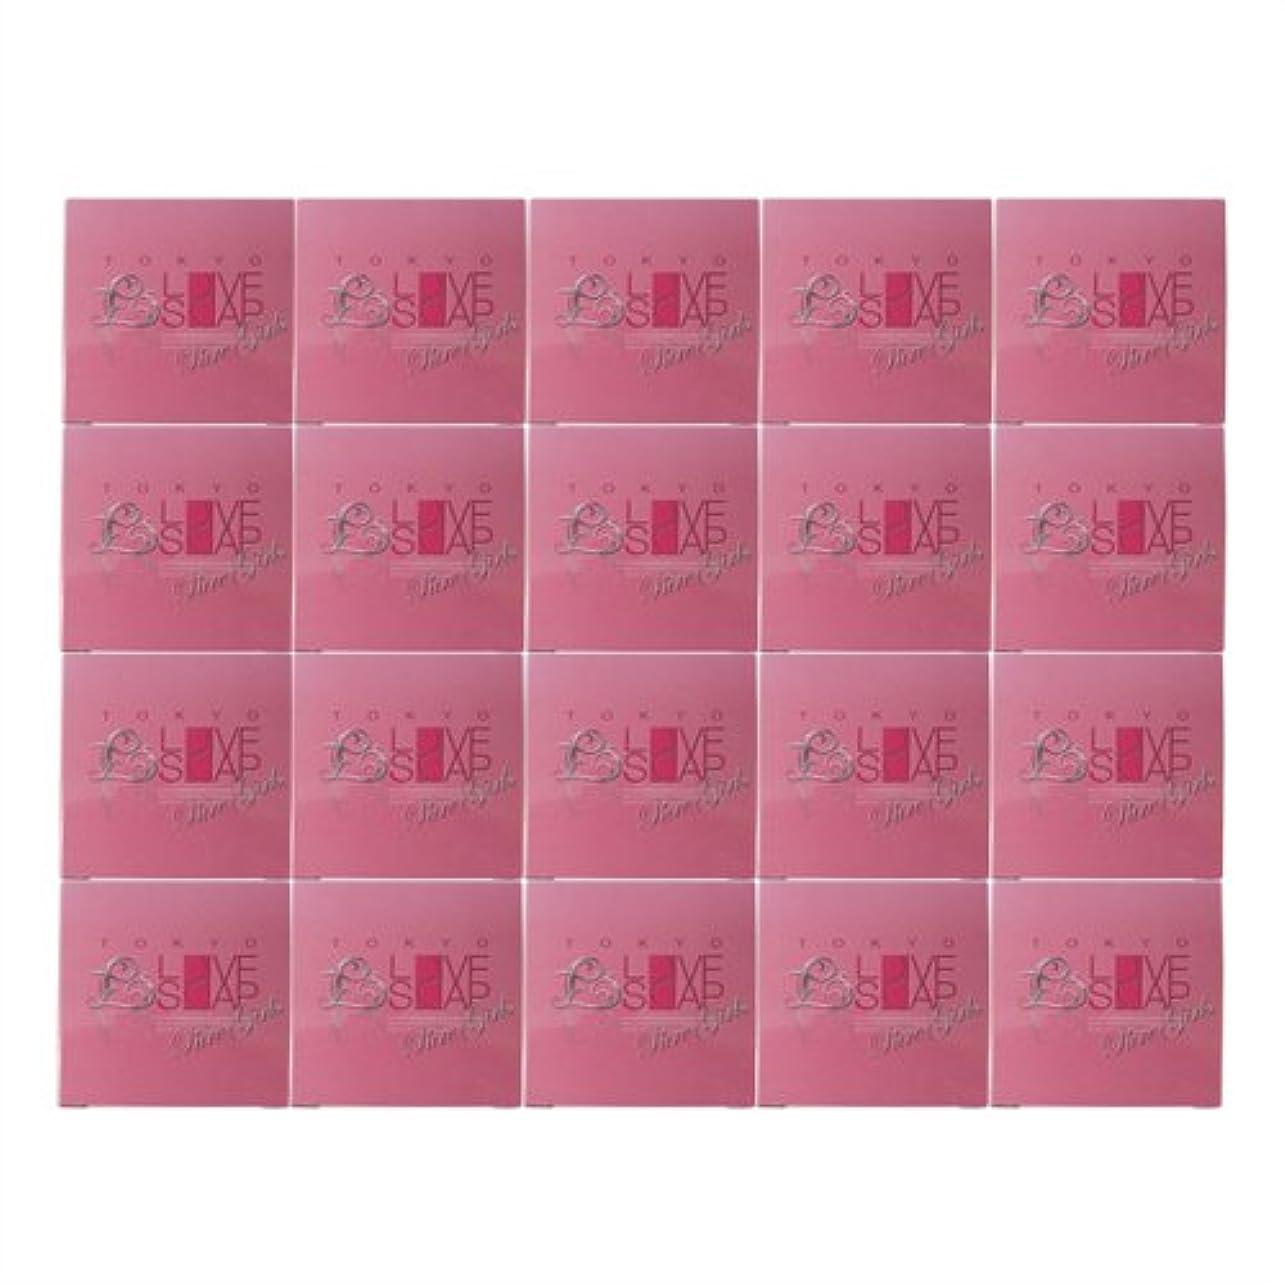 さびたストレス資産東京ラブソープ ピュアガールズ (80g) x20個 セット